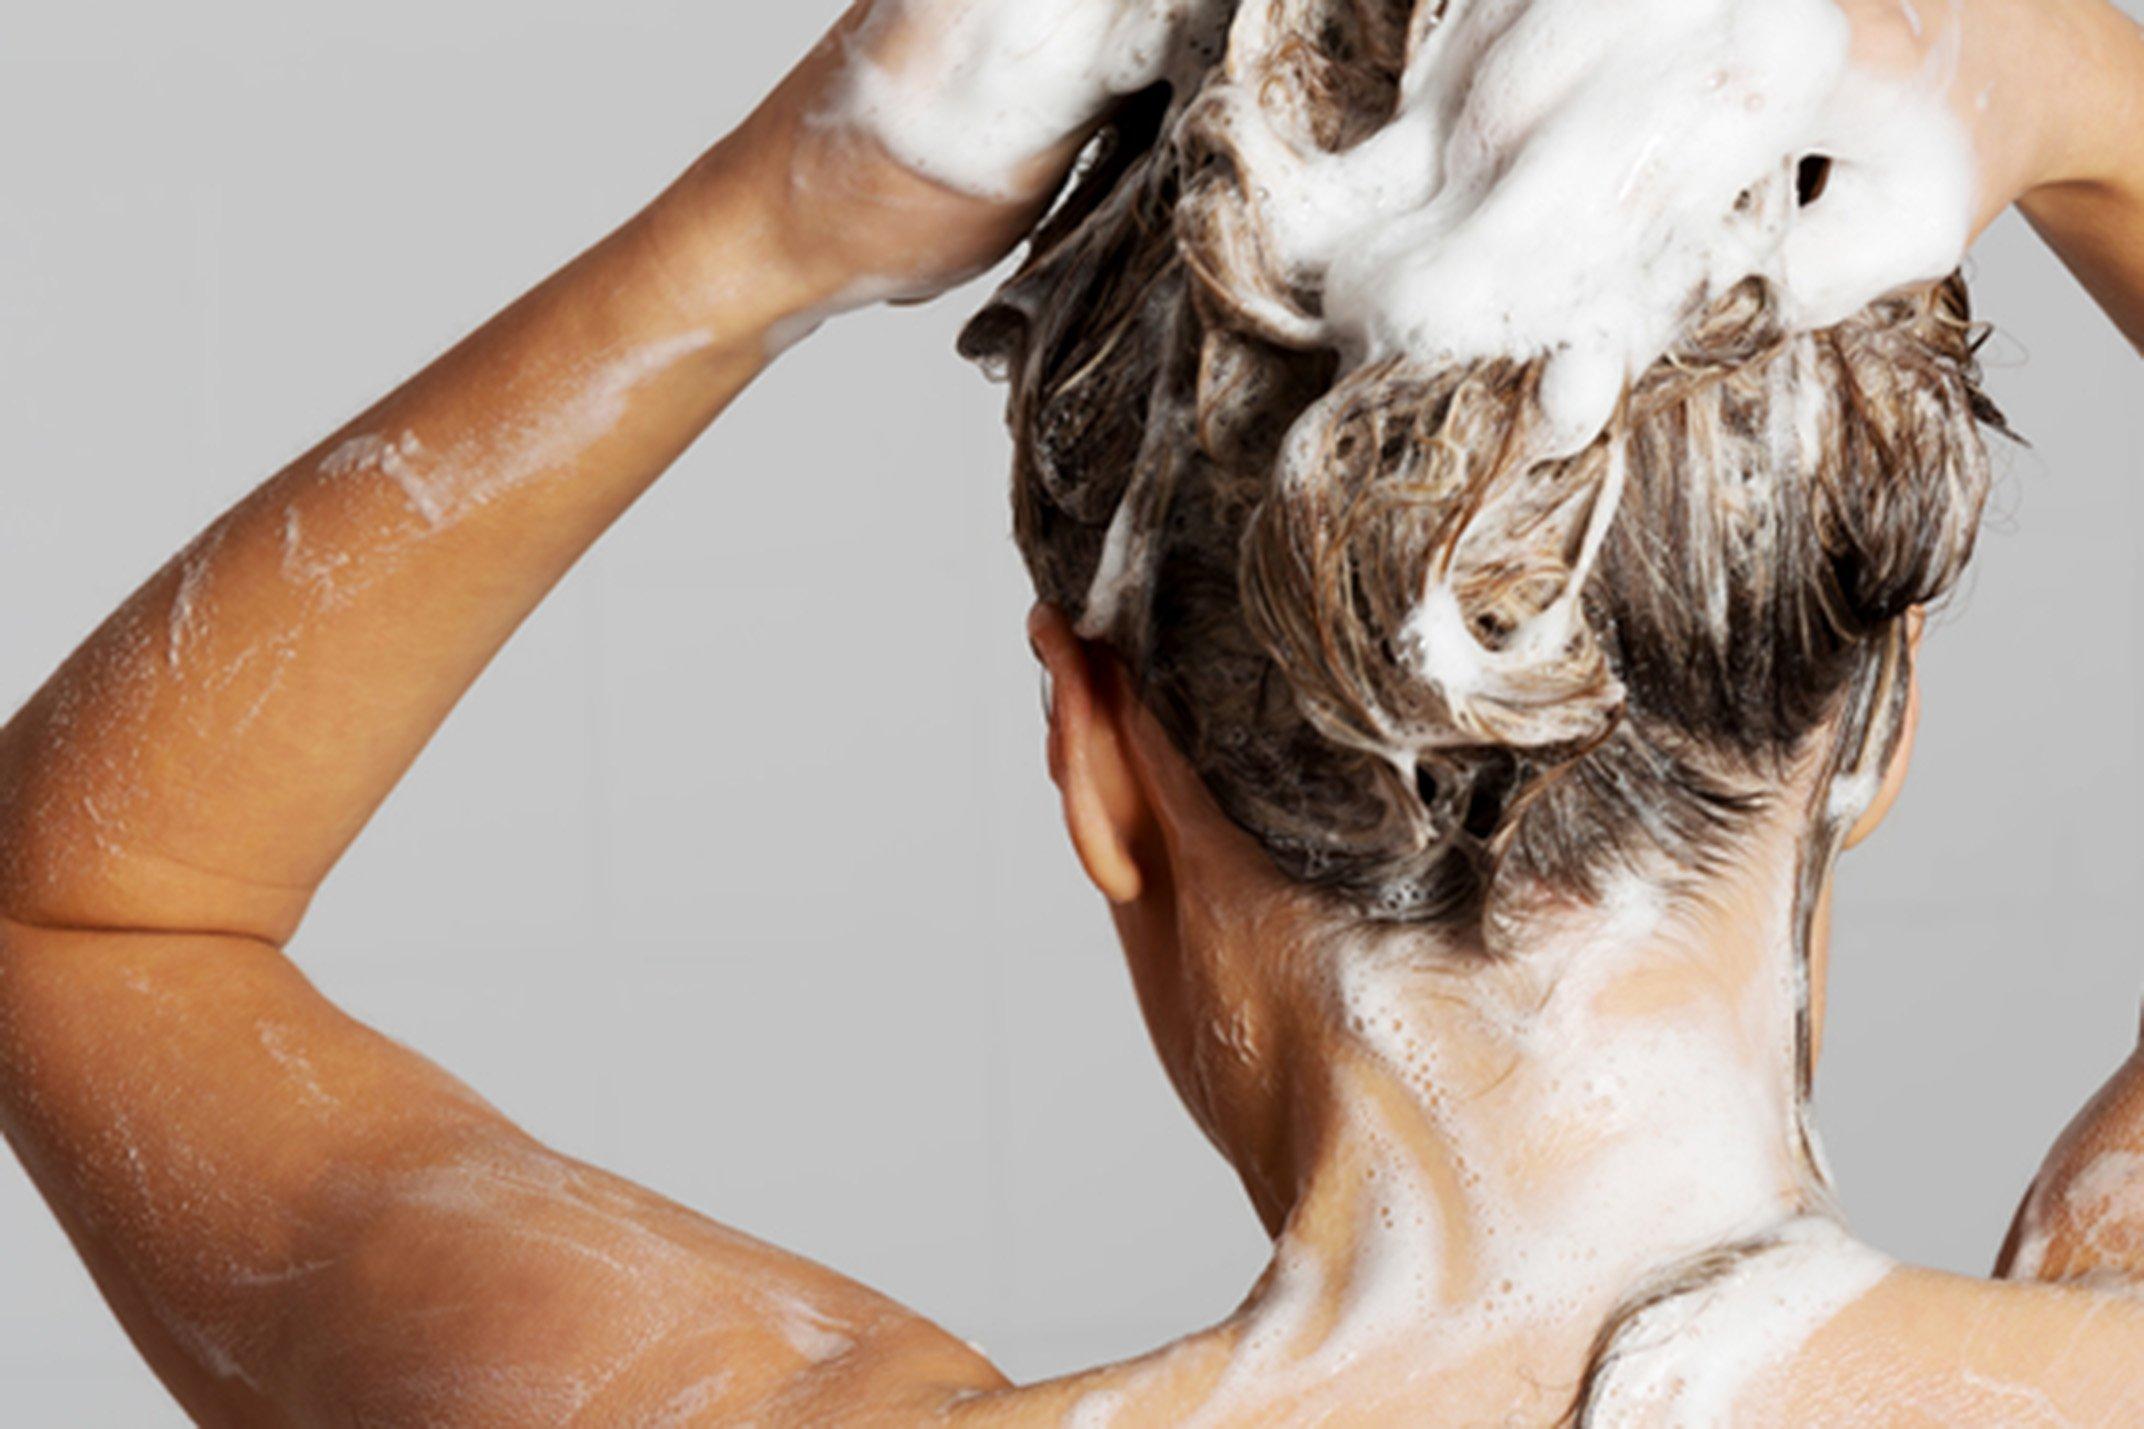 Componentes Necessários para Manipular um Pré-Shampoo